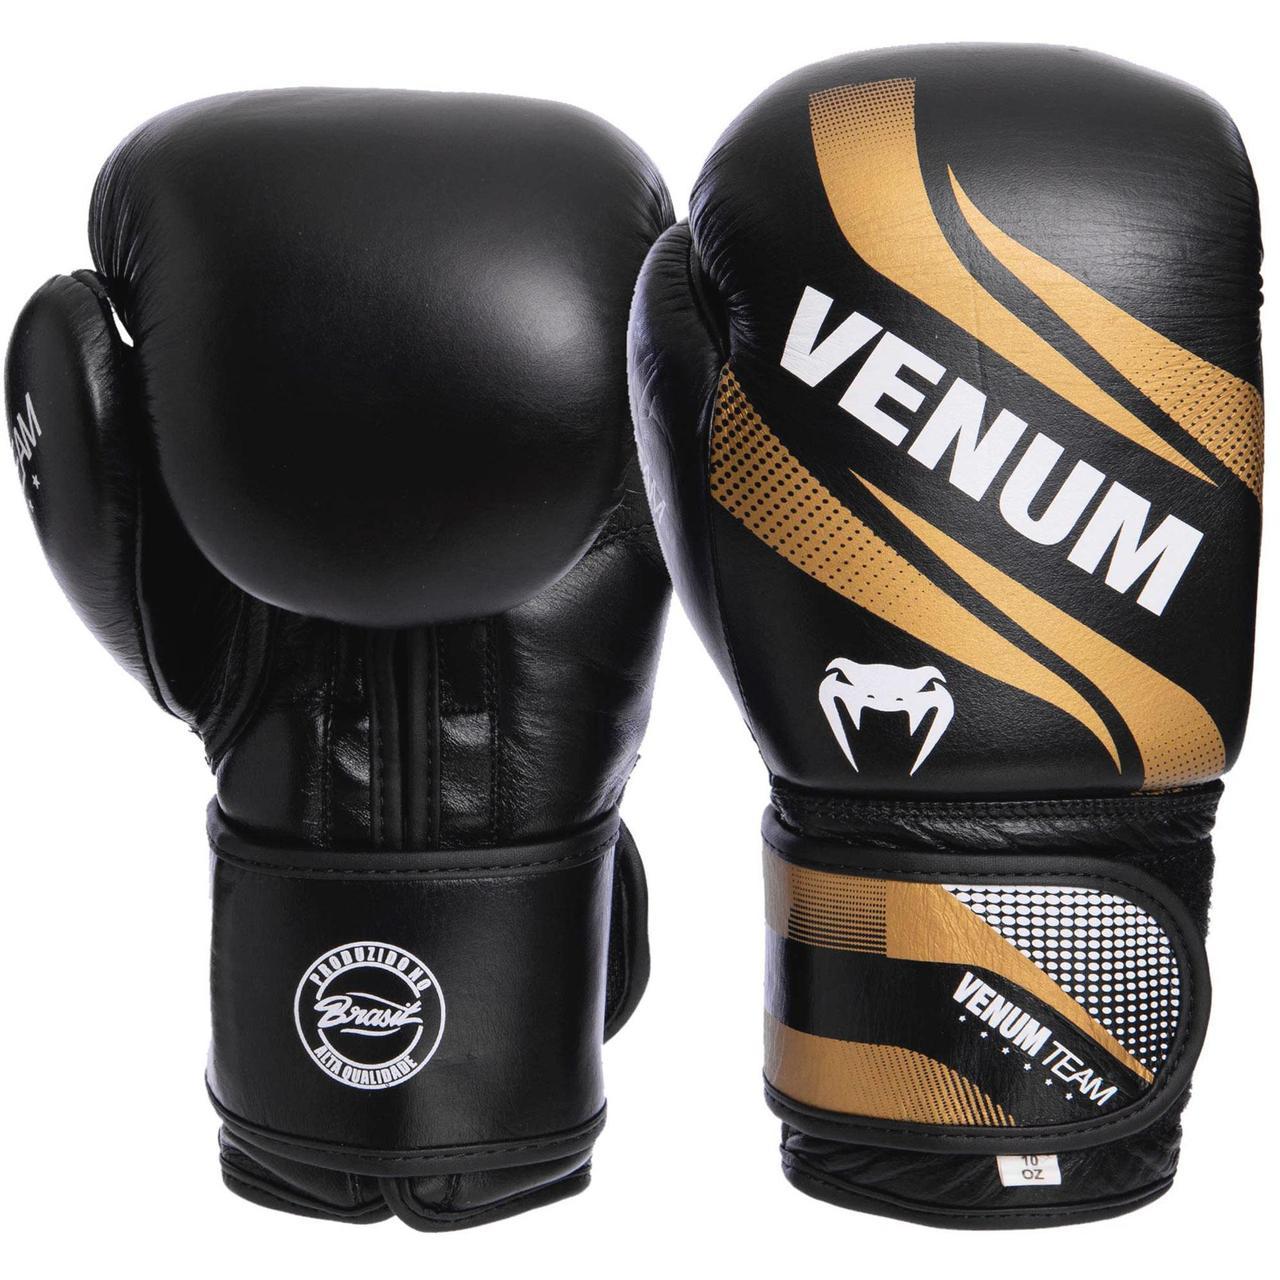 Перчатки боксерские кожаные на липучке VNM COMMANDO VL-2040 (р-р 10-14oz, цвета в ассортименте)